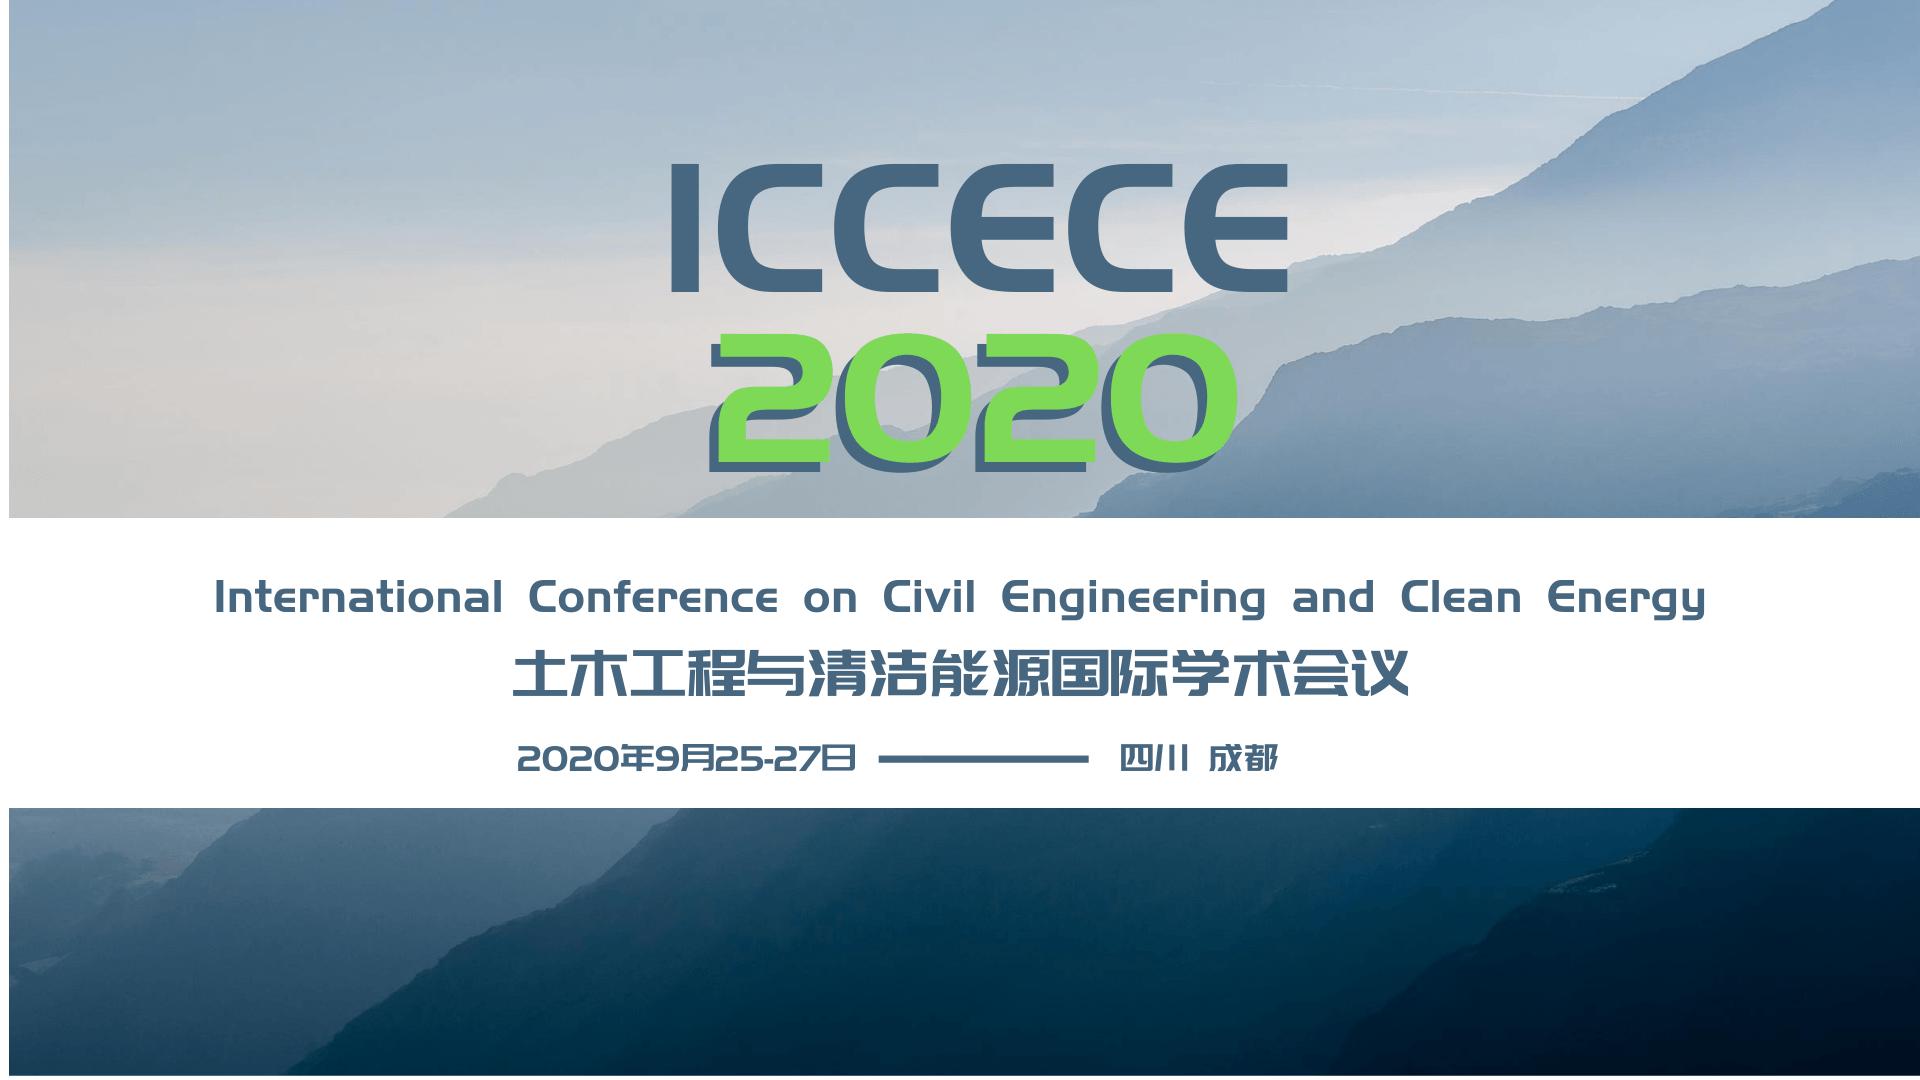 2020年土木工程与清洁能源国际学术会议